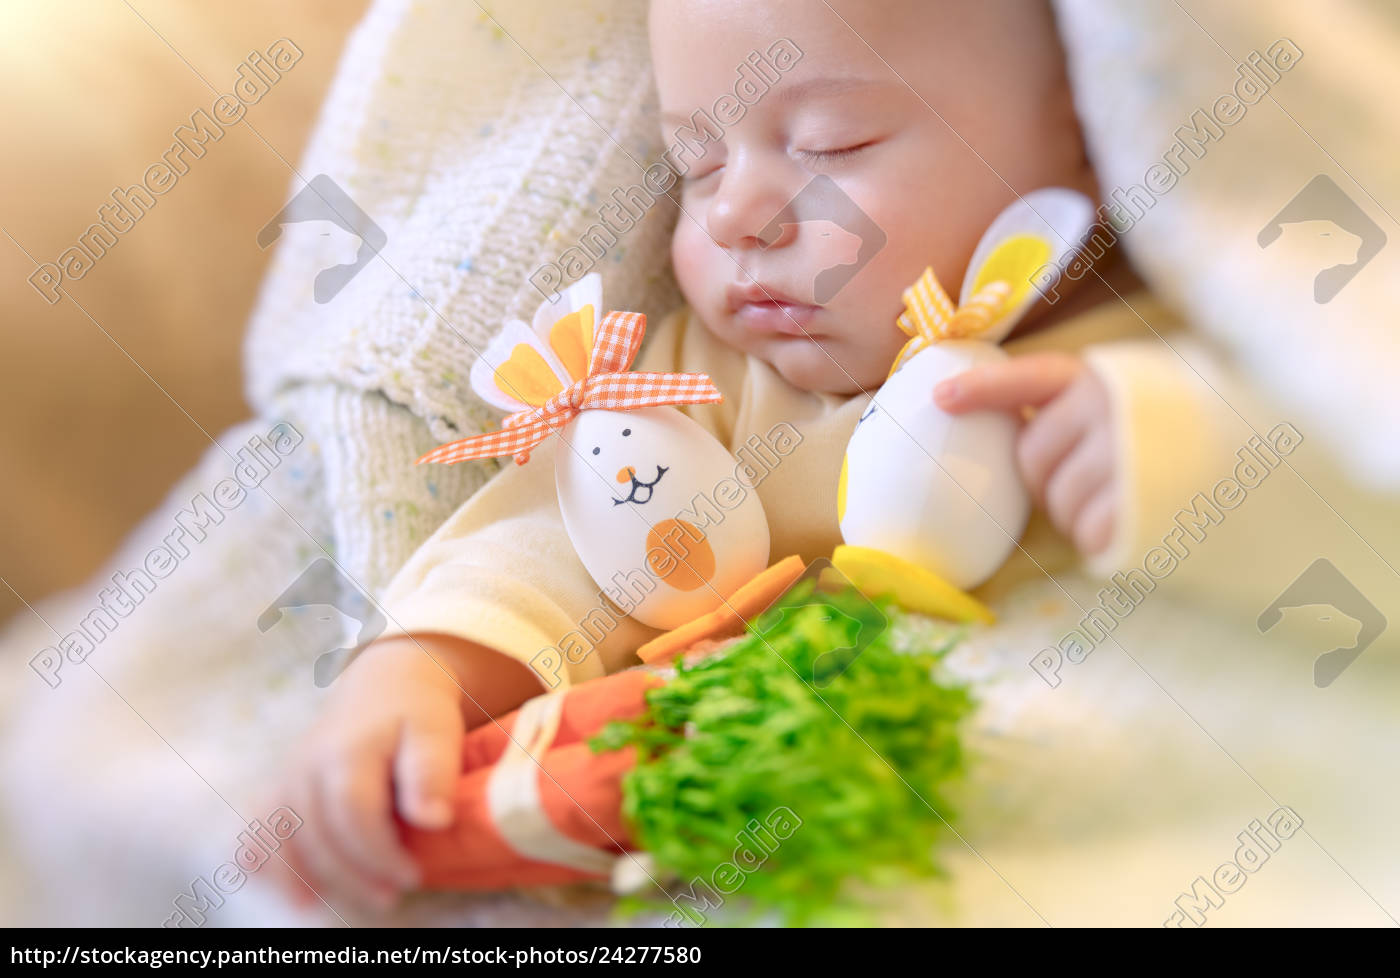 Lizenzfreies Foto 24277580 Nettes Baby Das Mit Ostern Dekorationen Schläft